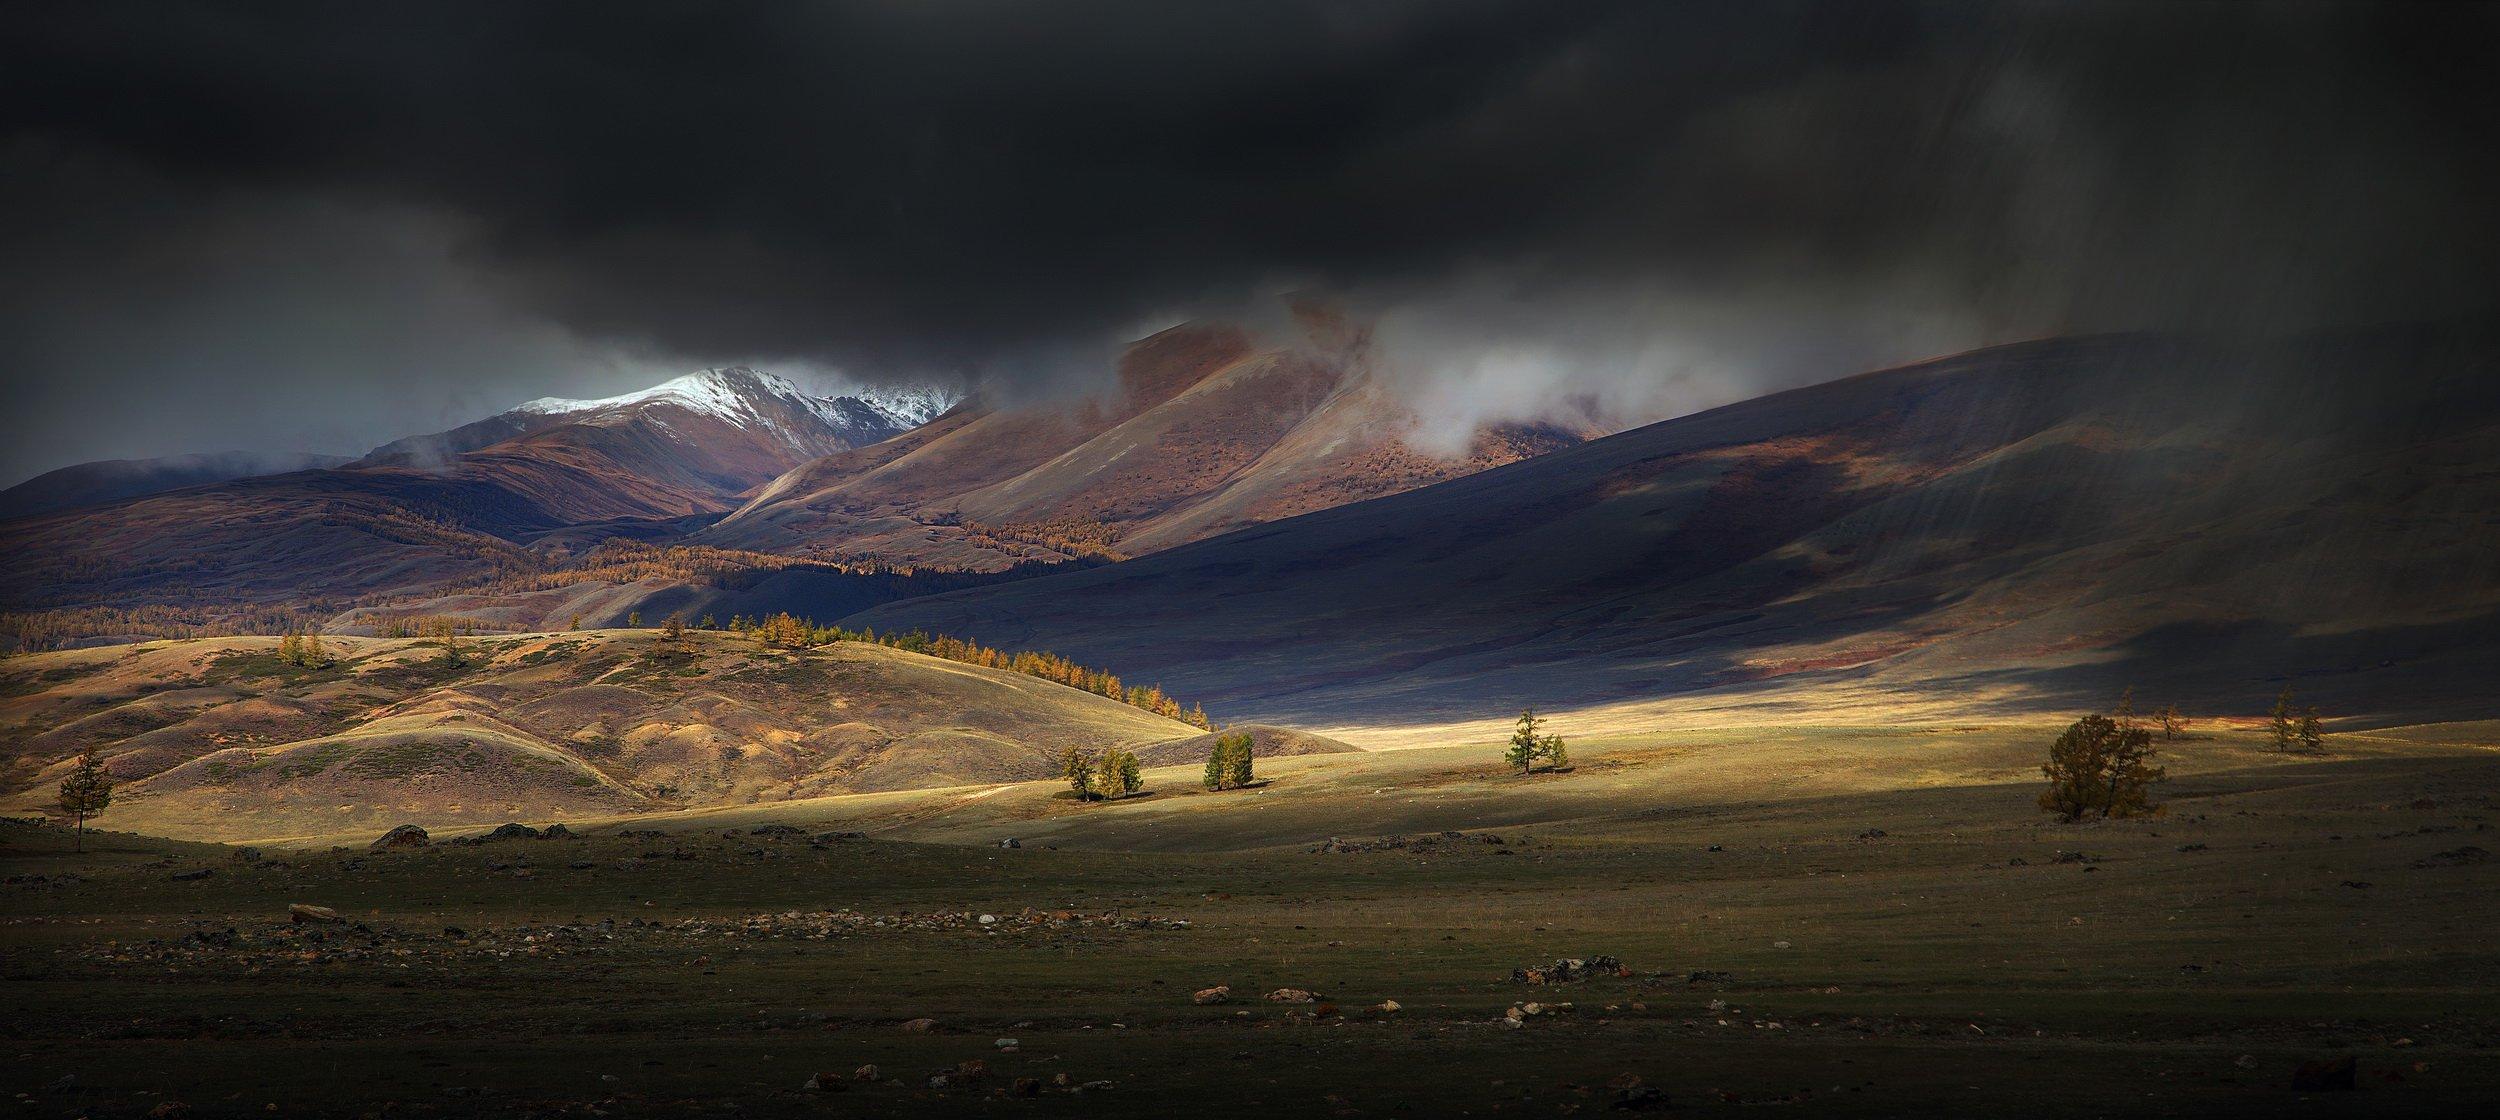 алтай, курай, путешествие, гроза, дождь, солнце, пейзаж, горы,, Художников Павел